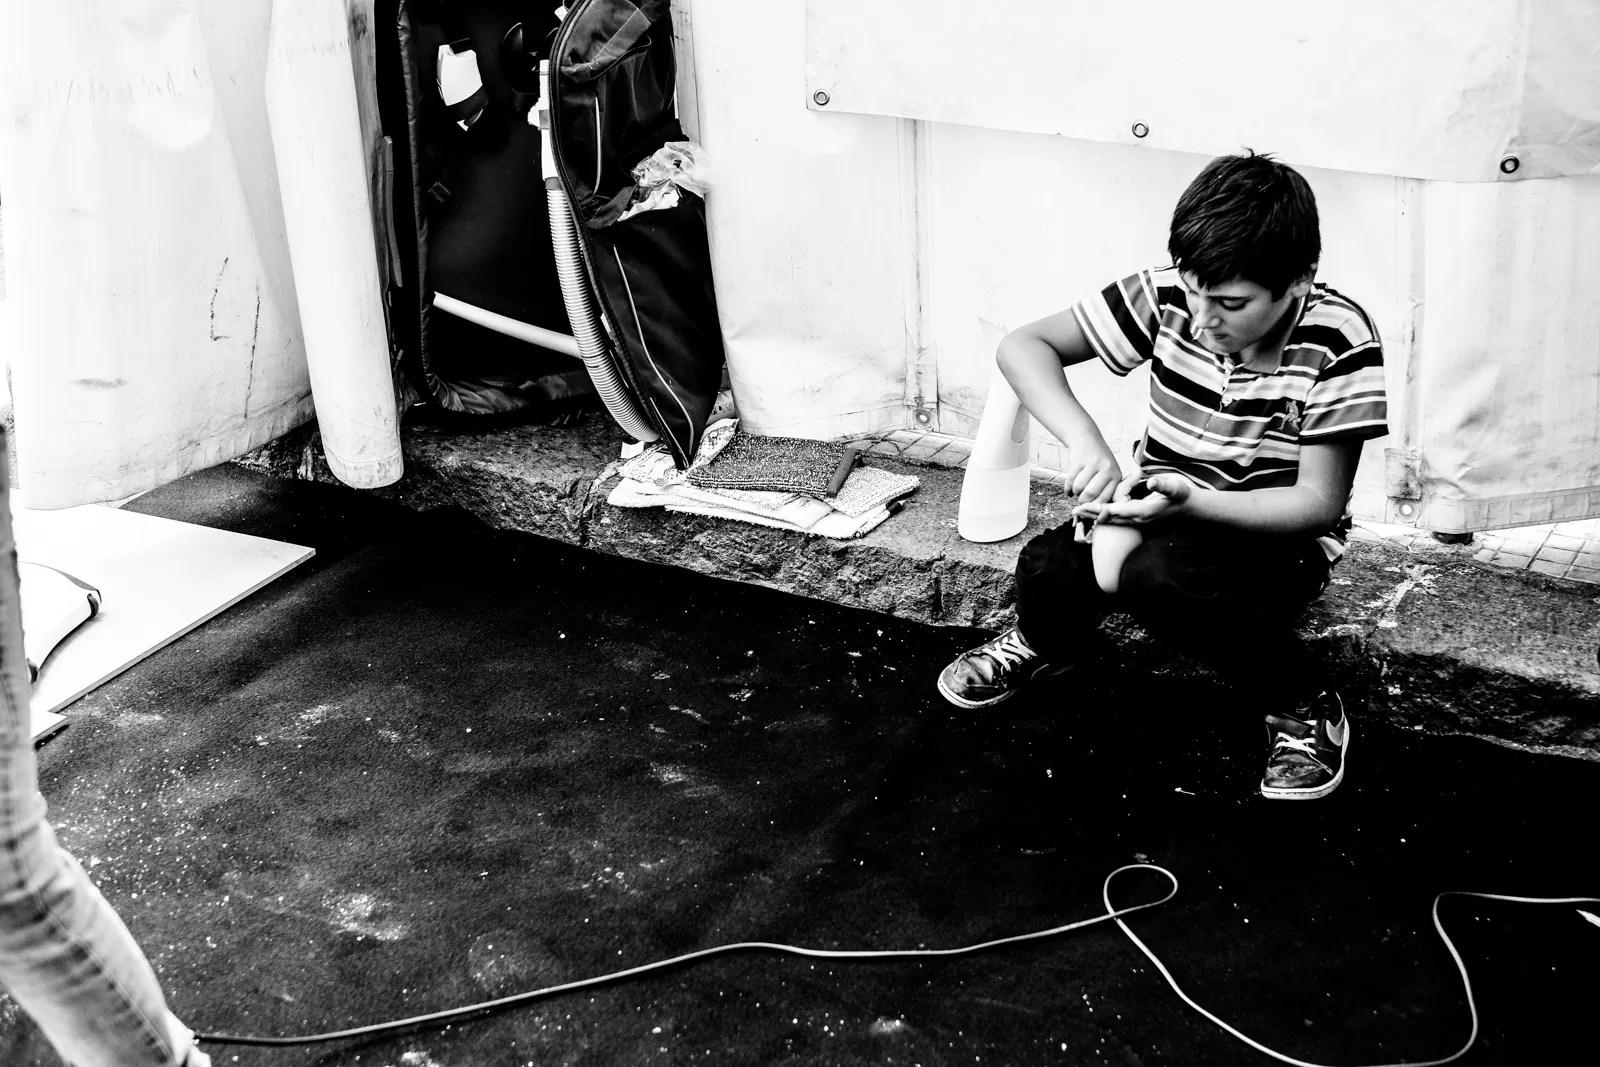 DSCF0645 - Un Giorno di festa - Sagra a Maletto [Street Photography] - fotostreet.it